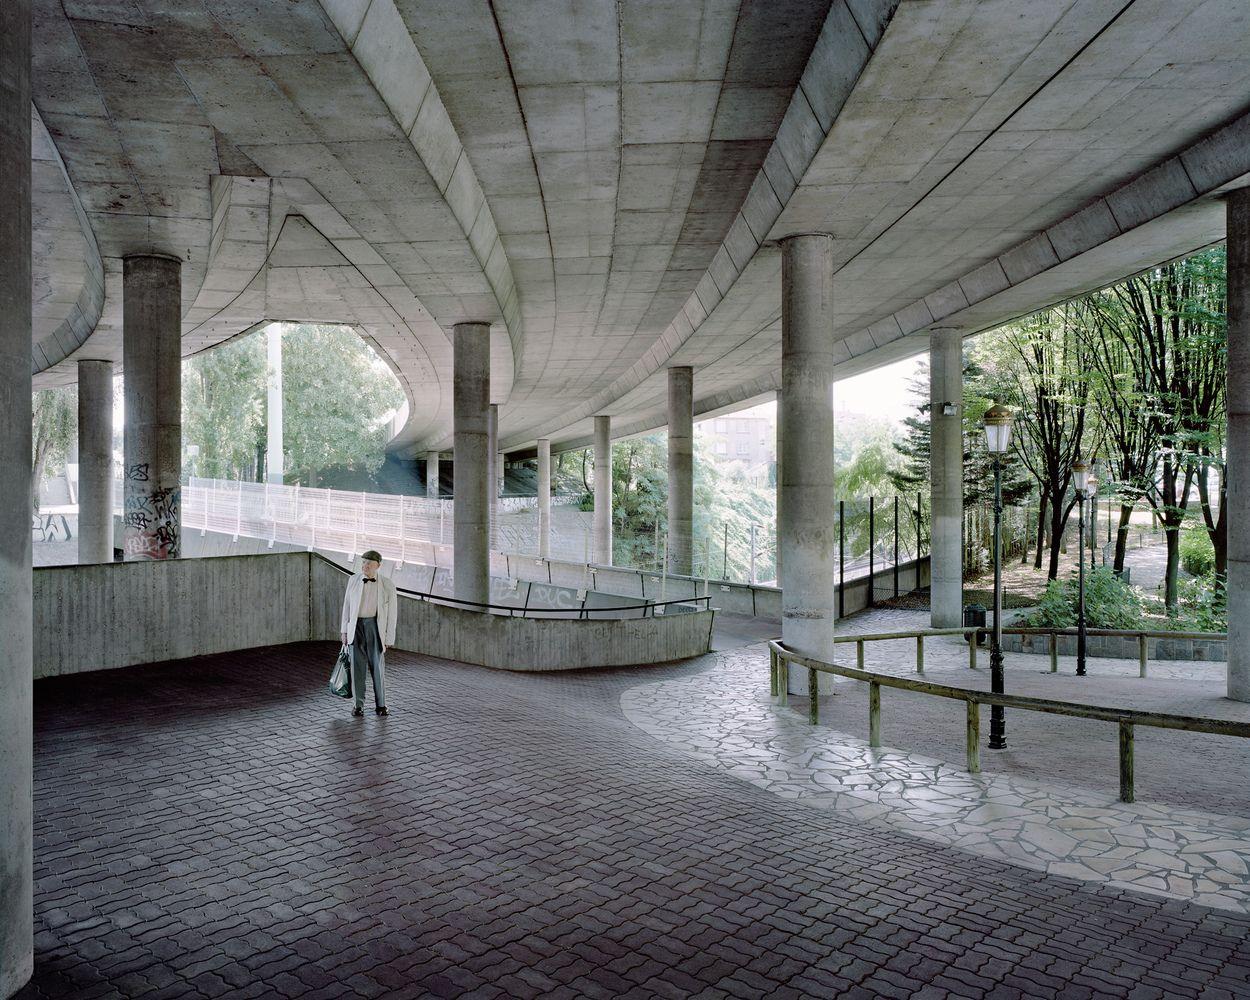 Galeria - O sonho utópico de Ricardo Bofill: Conjuntos pós-modernos em Noisy-le-Grand - 16